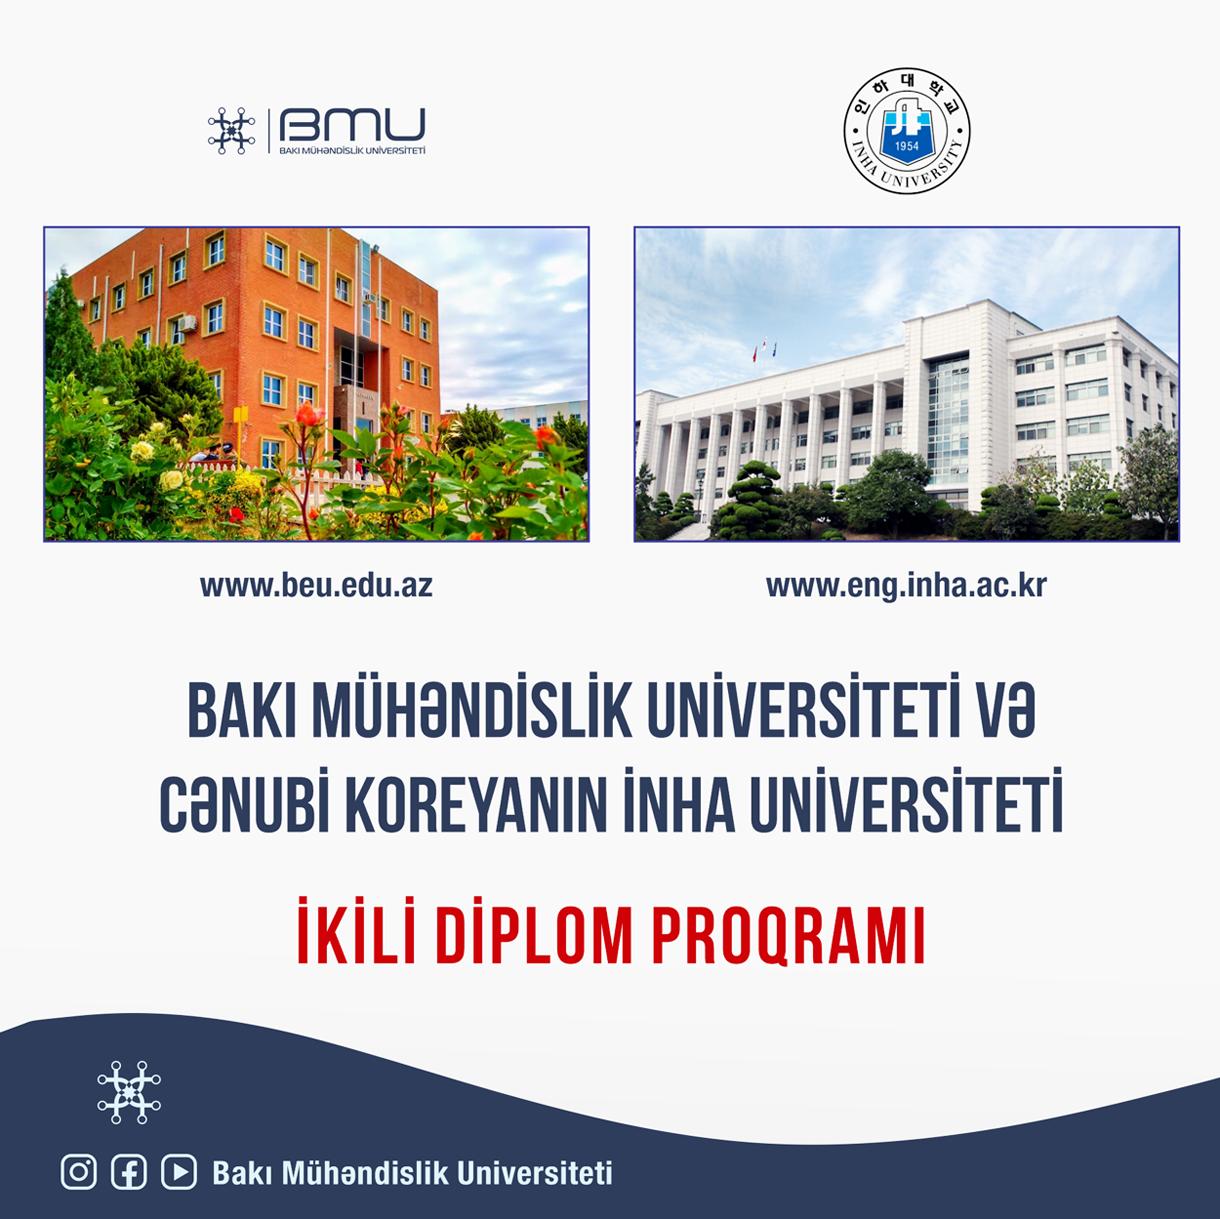 BMU-da ikili diplom proqramı ilə bağlı işlər davam etdirirlir